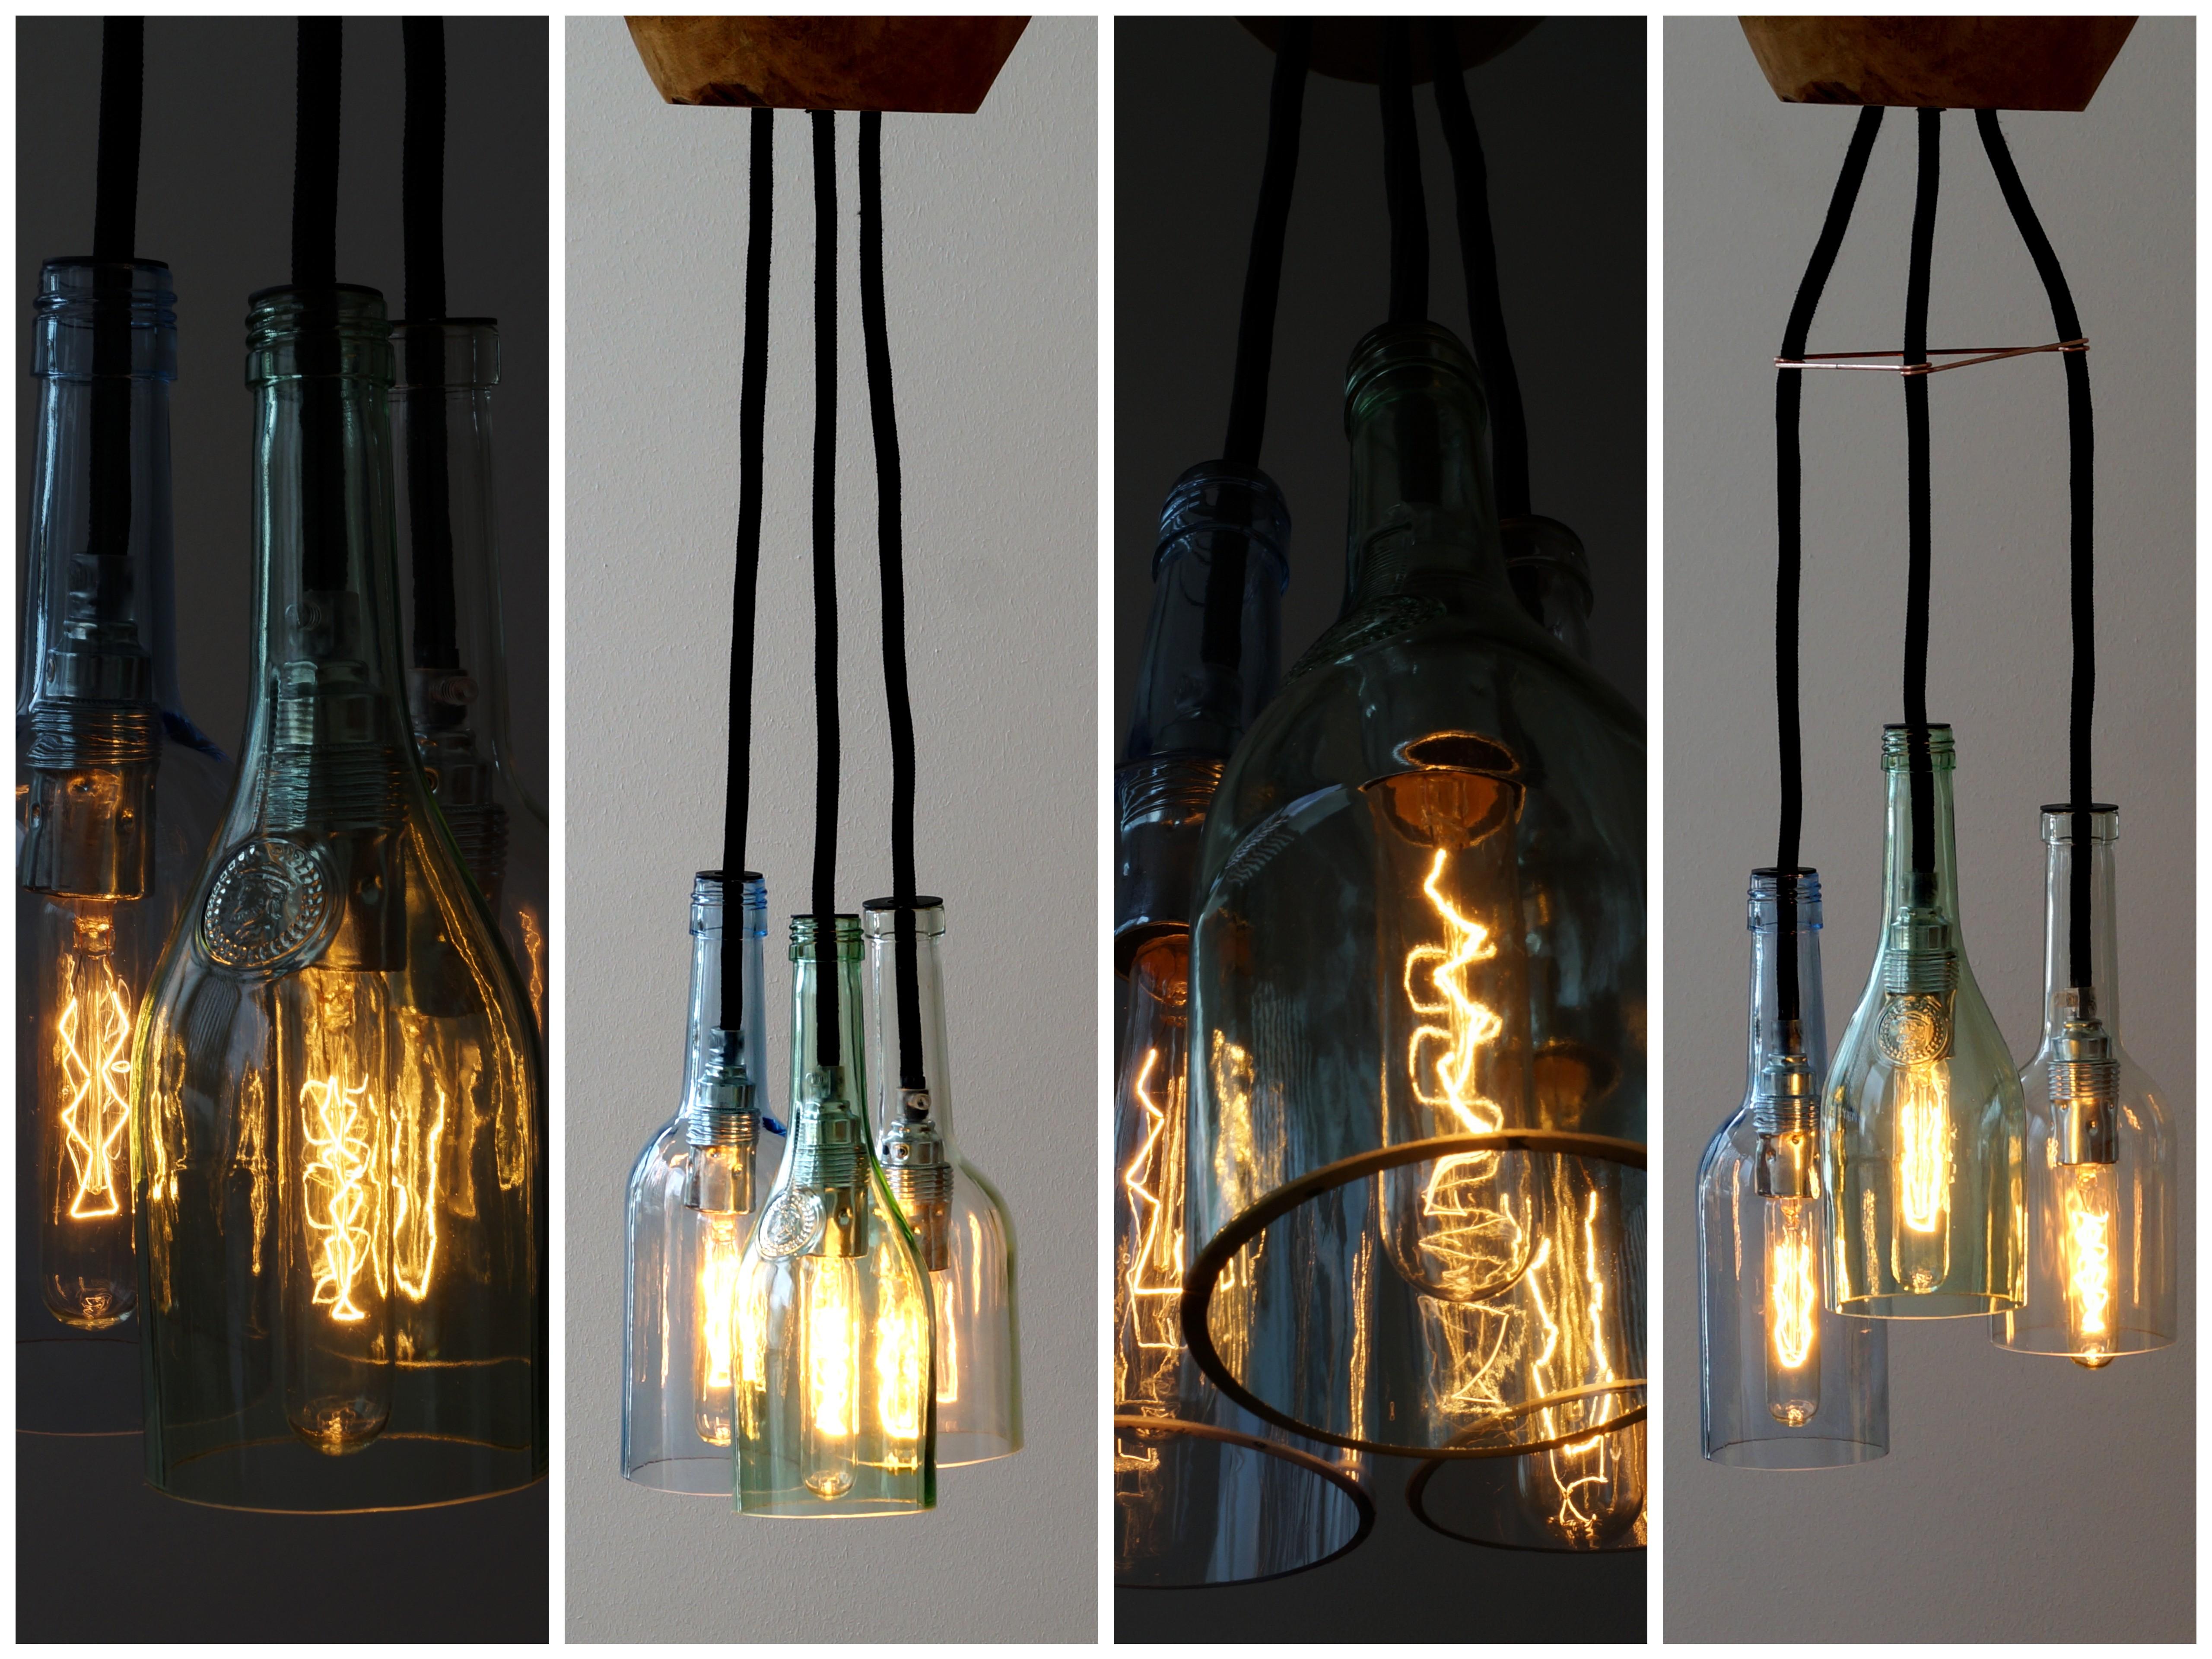 Uniikatde Lichtgestalten Flaschenlampe Hängelampe Tresx